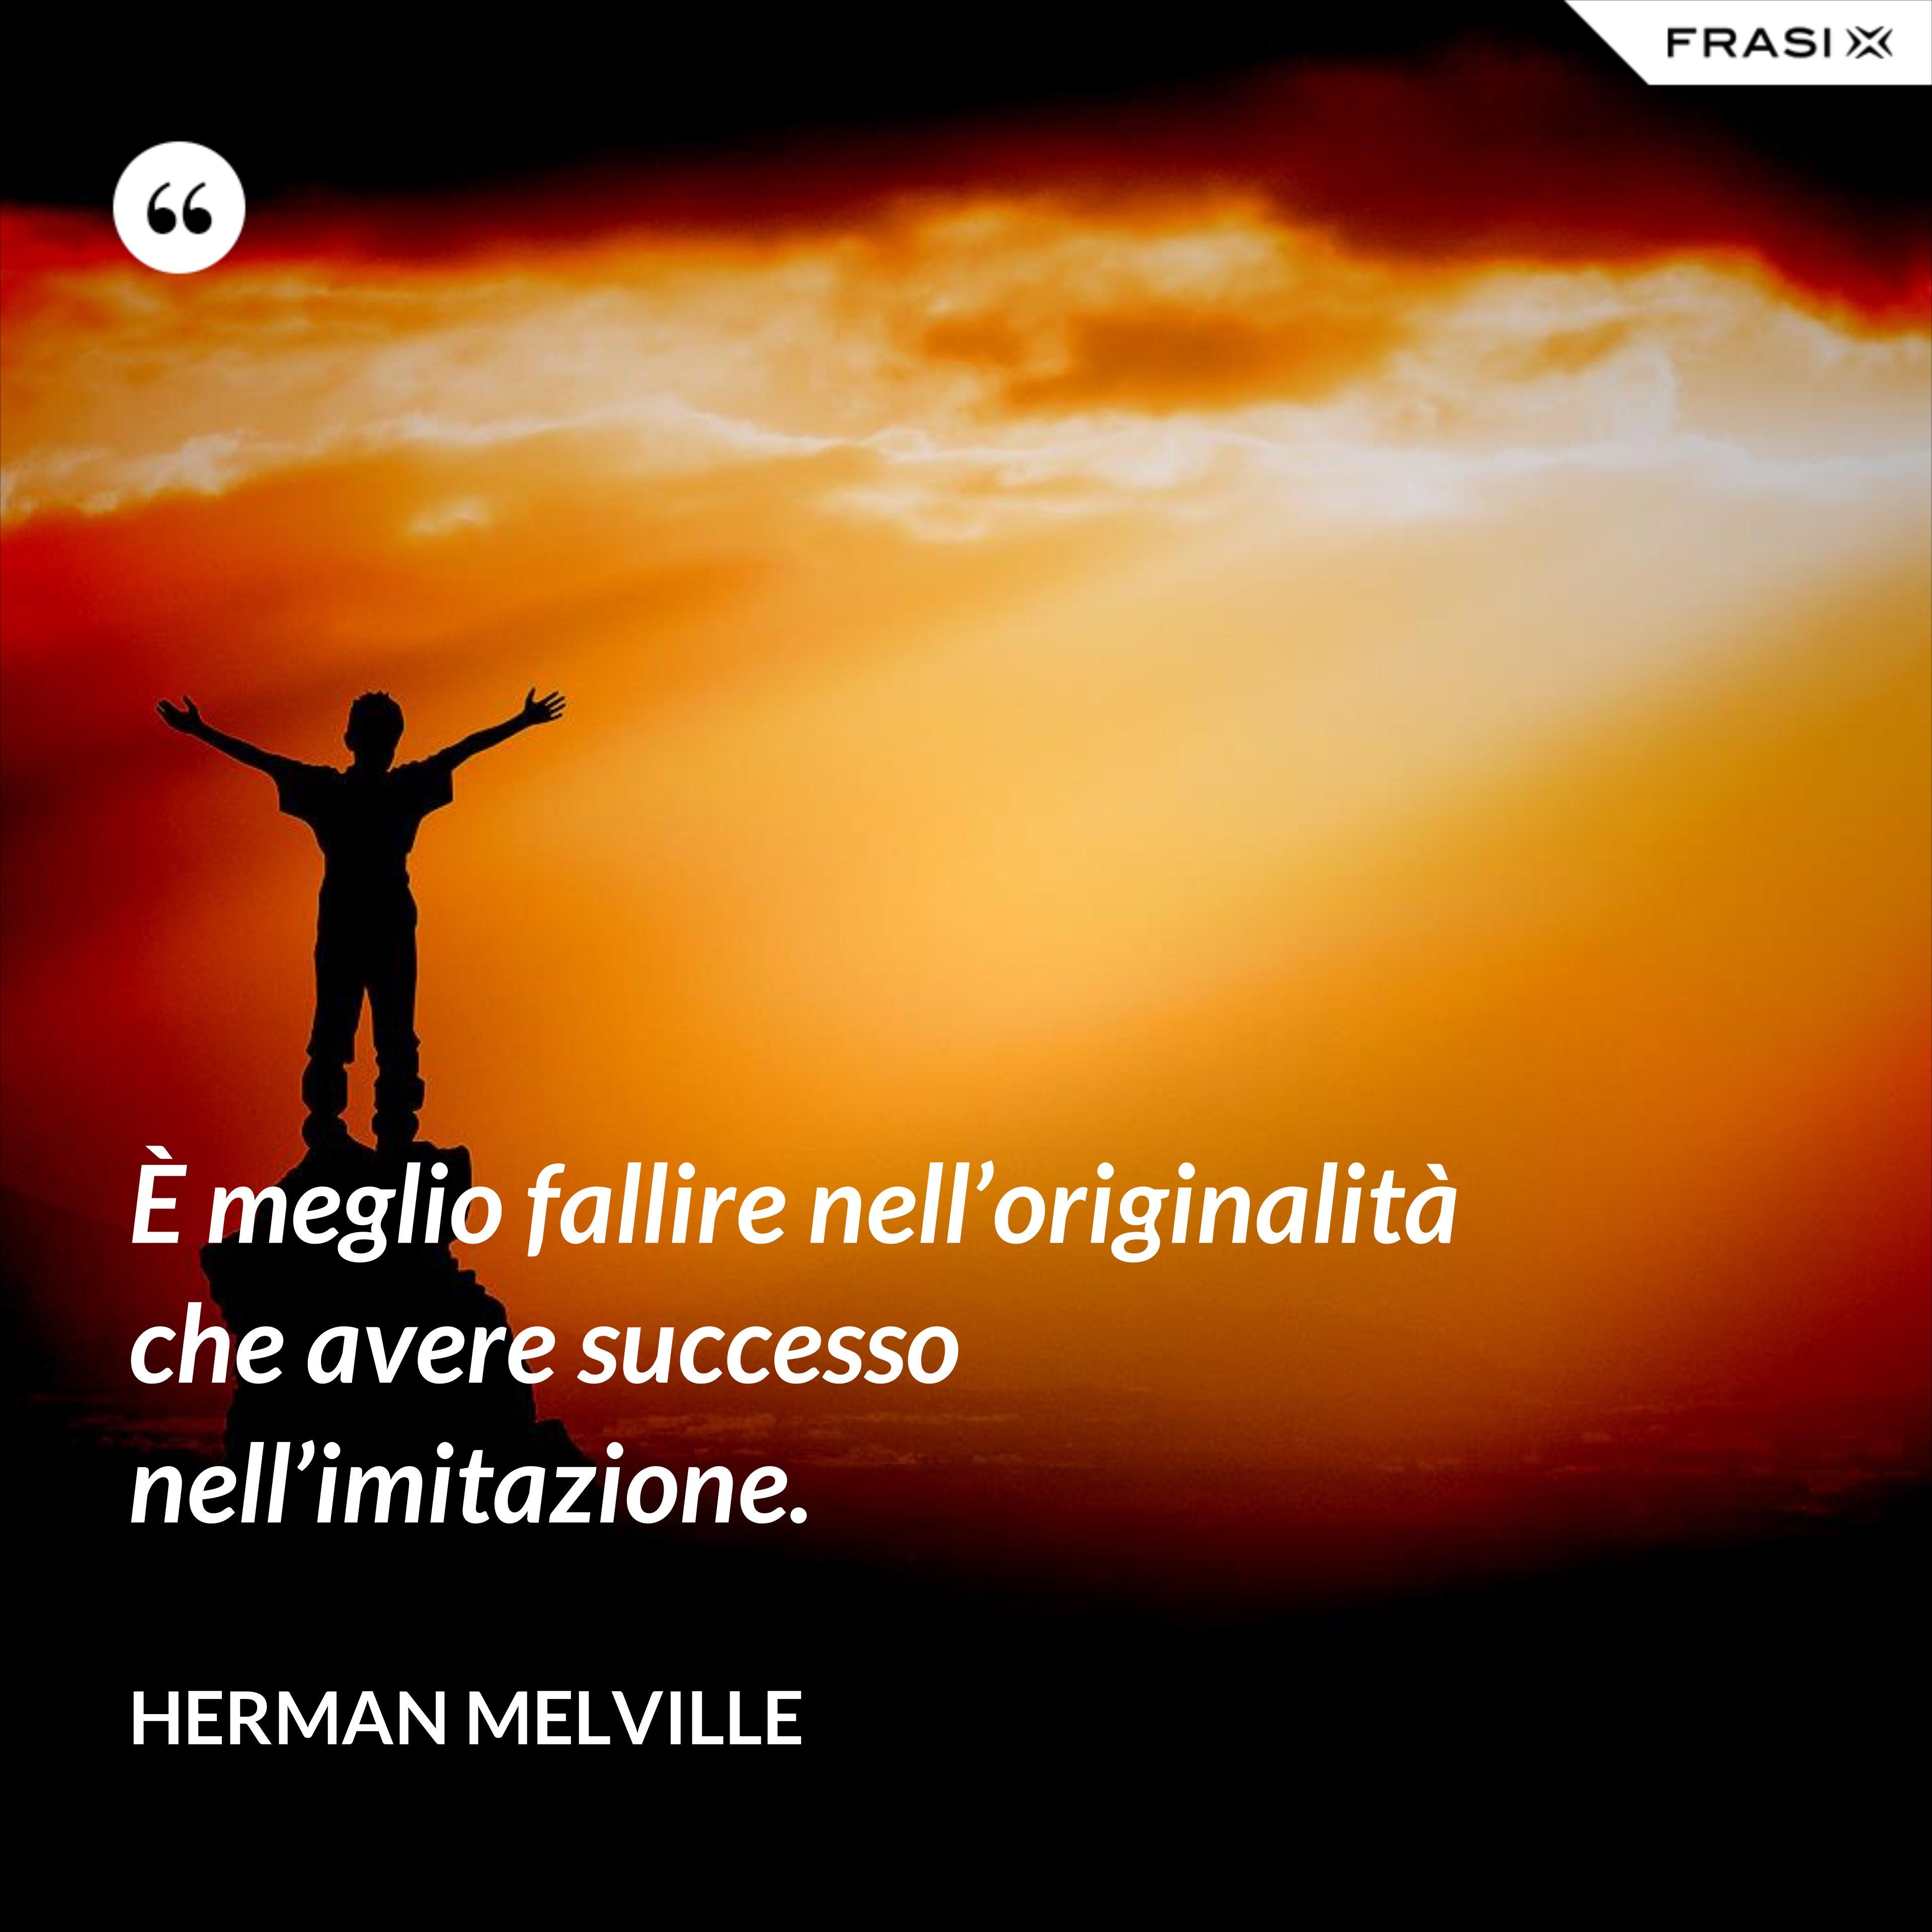 È meglio fallire nell'originalità che avere successo nell'imitazione. - Herman Melville